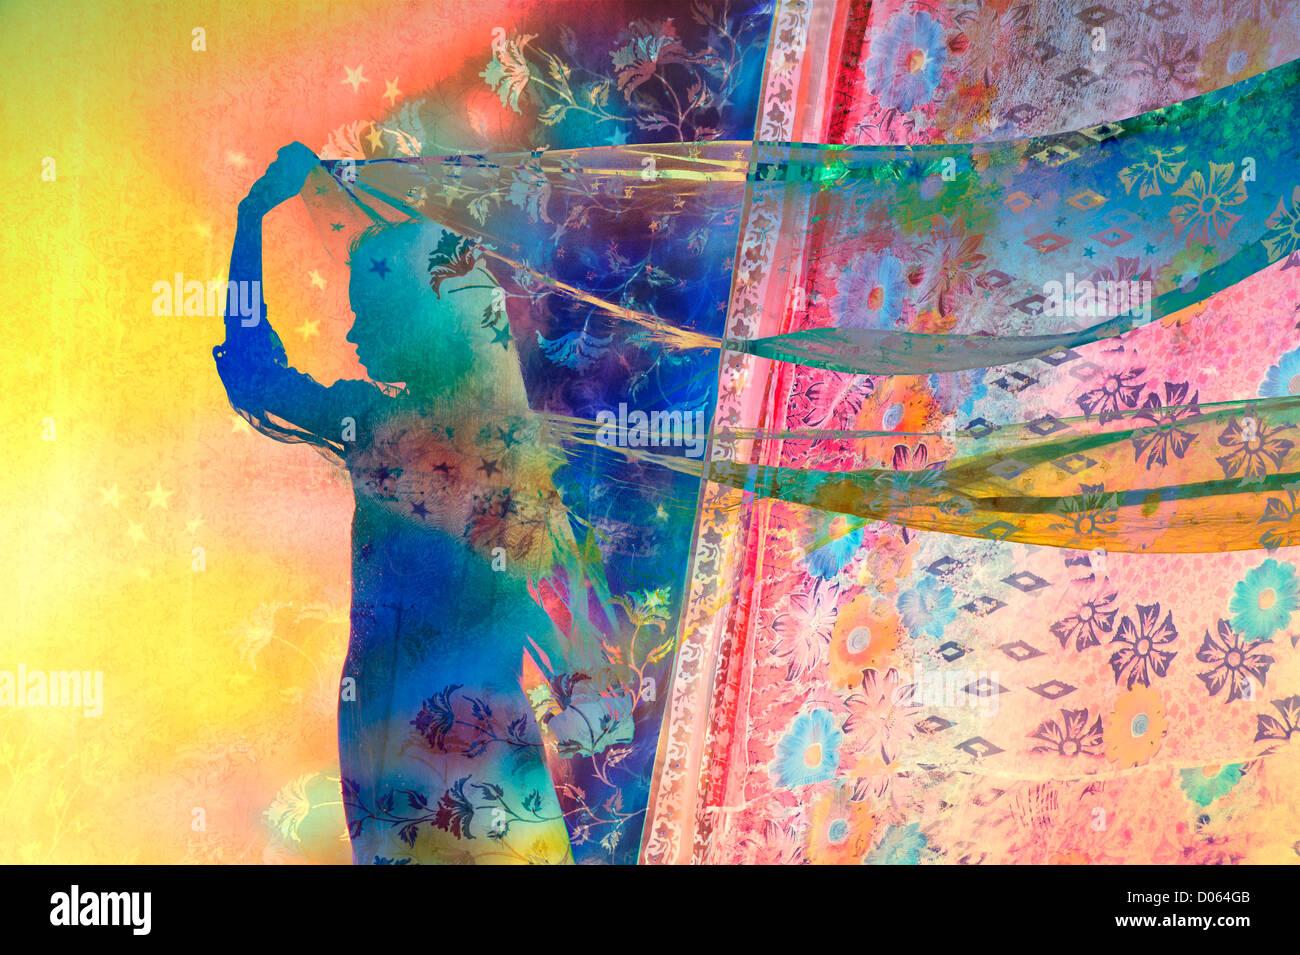 Niña India con estrellas floreadas y velos en el viento. Silueta. Colorido montage Imagen De Stock